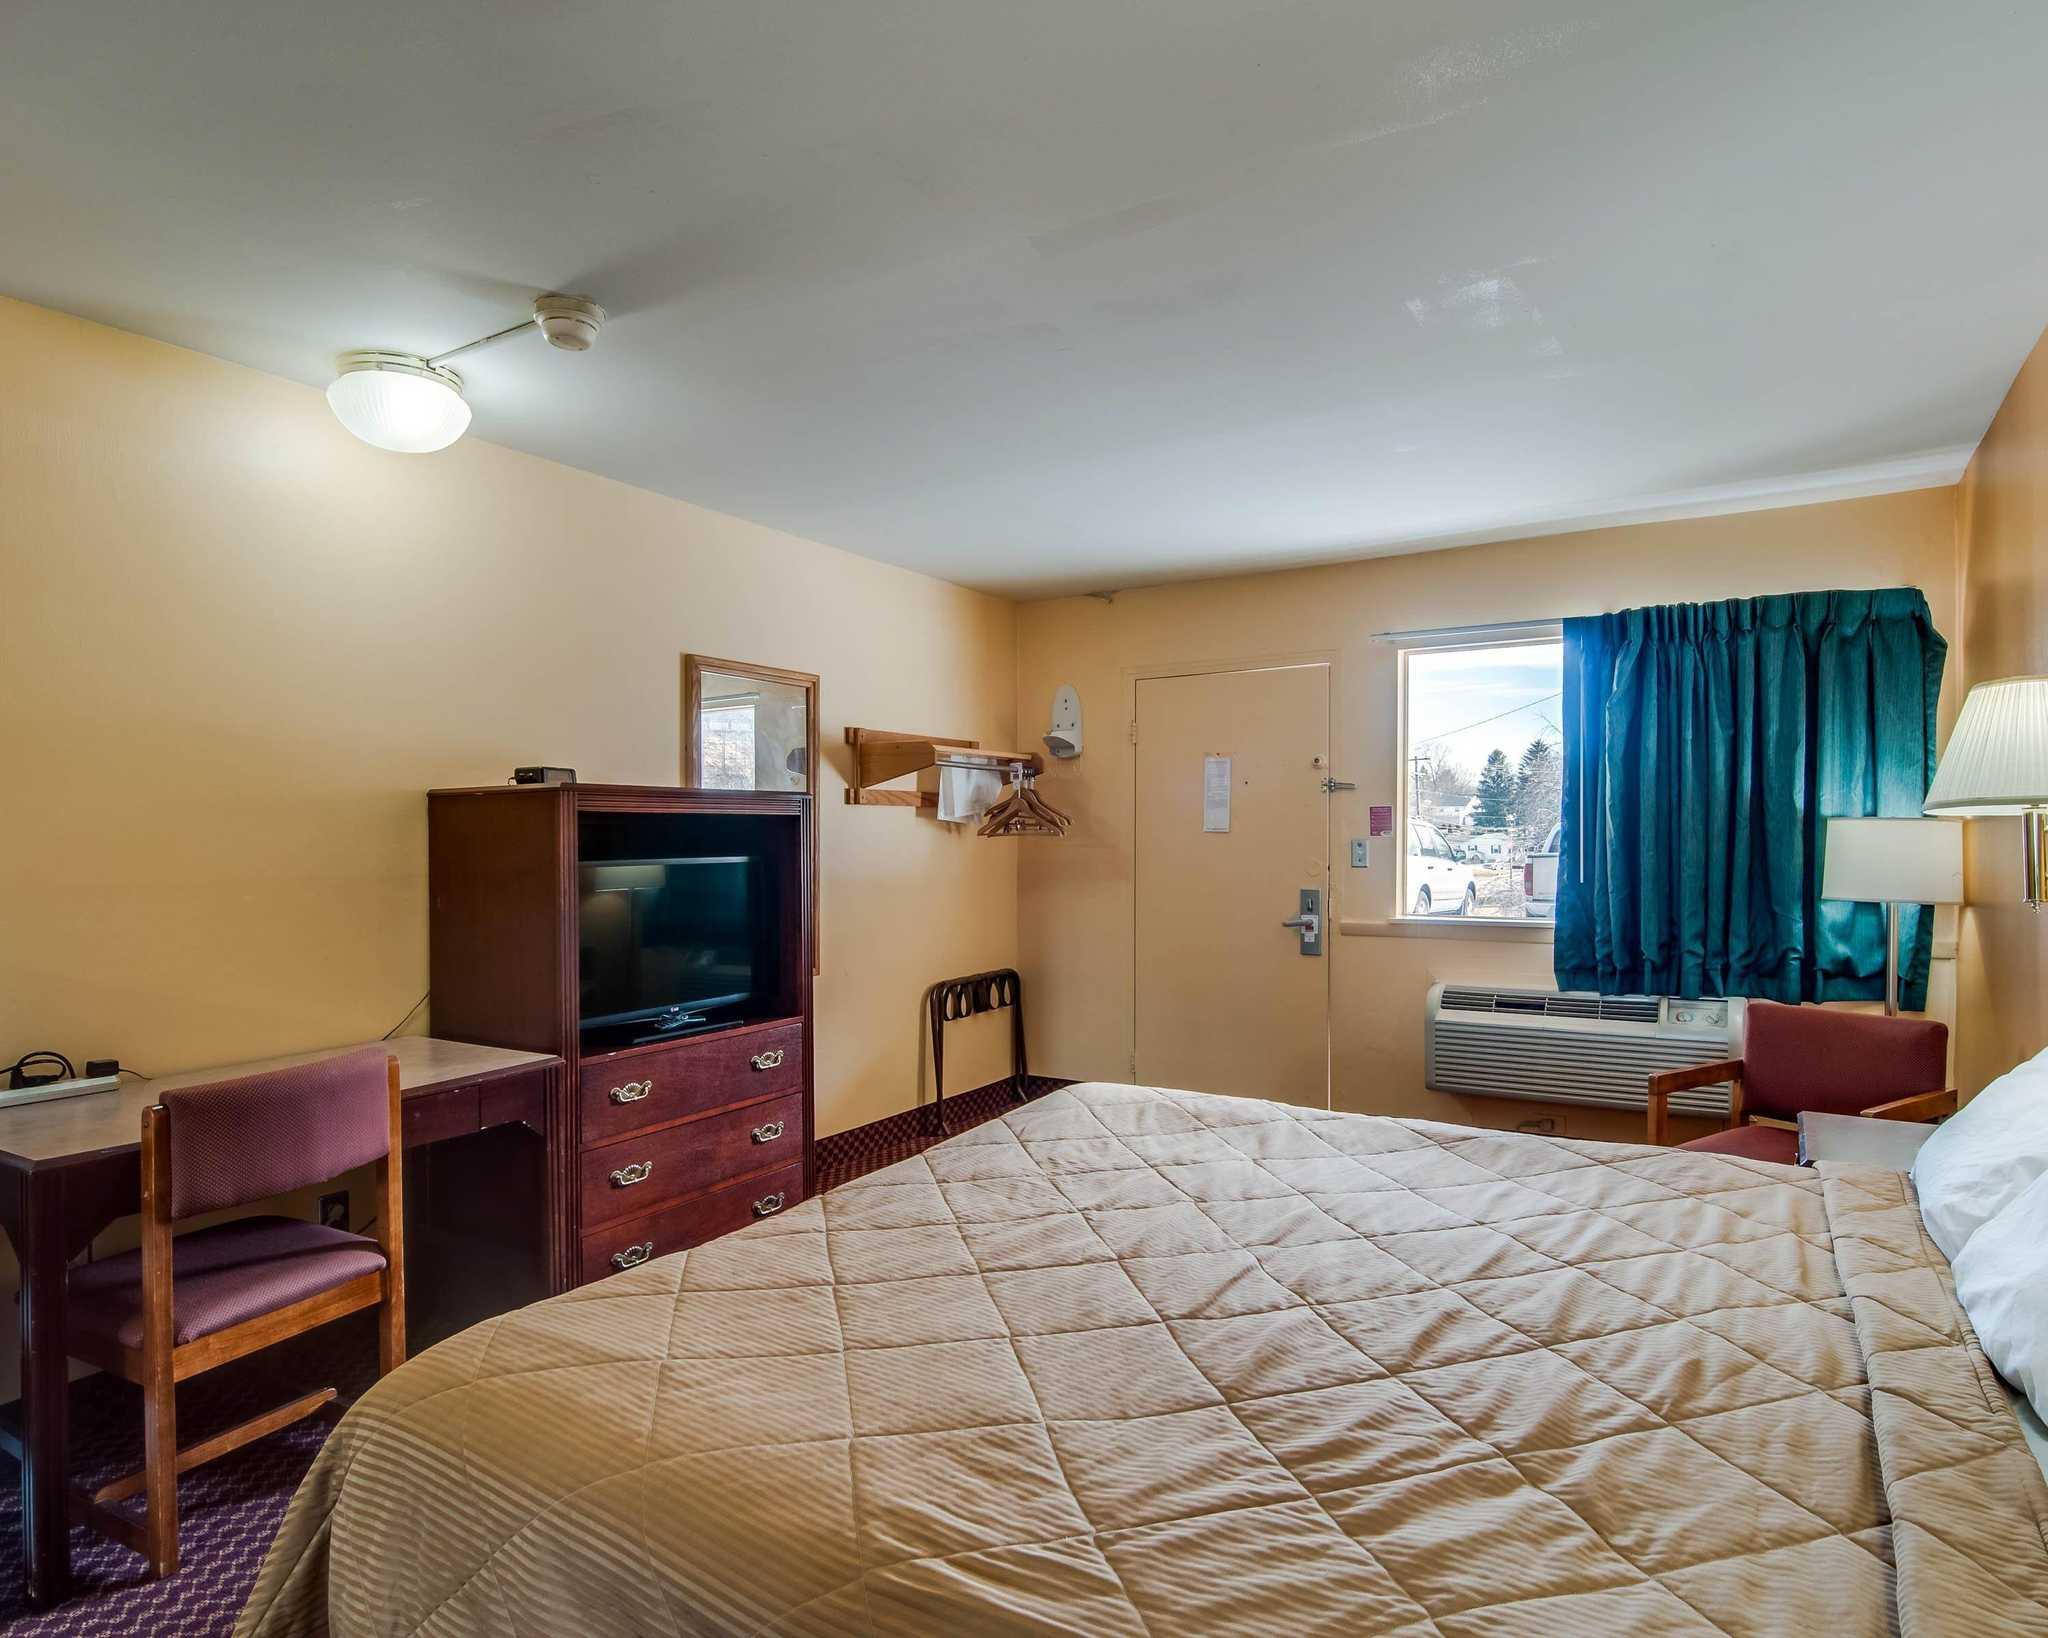 Econo Lodge Near Bluefield College image 4